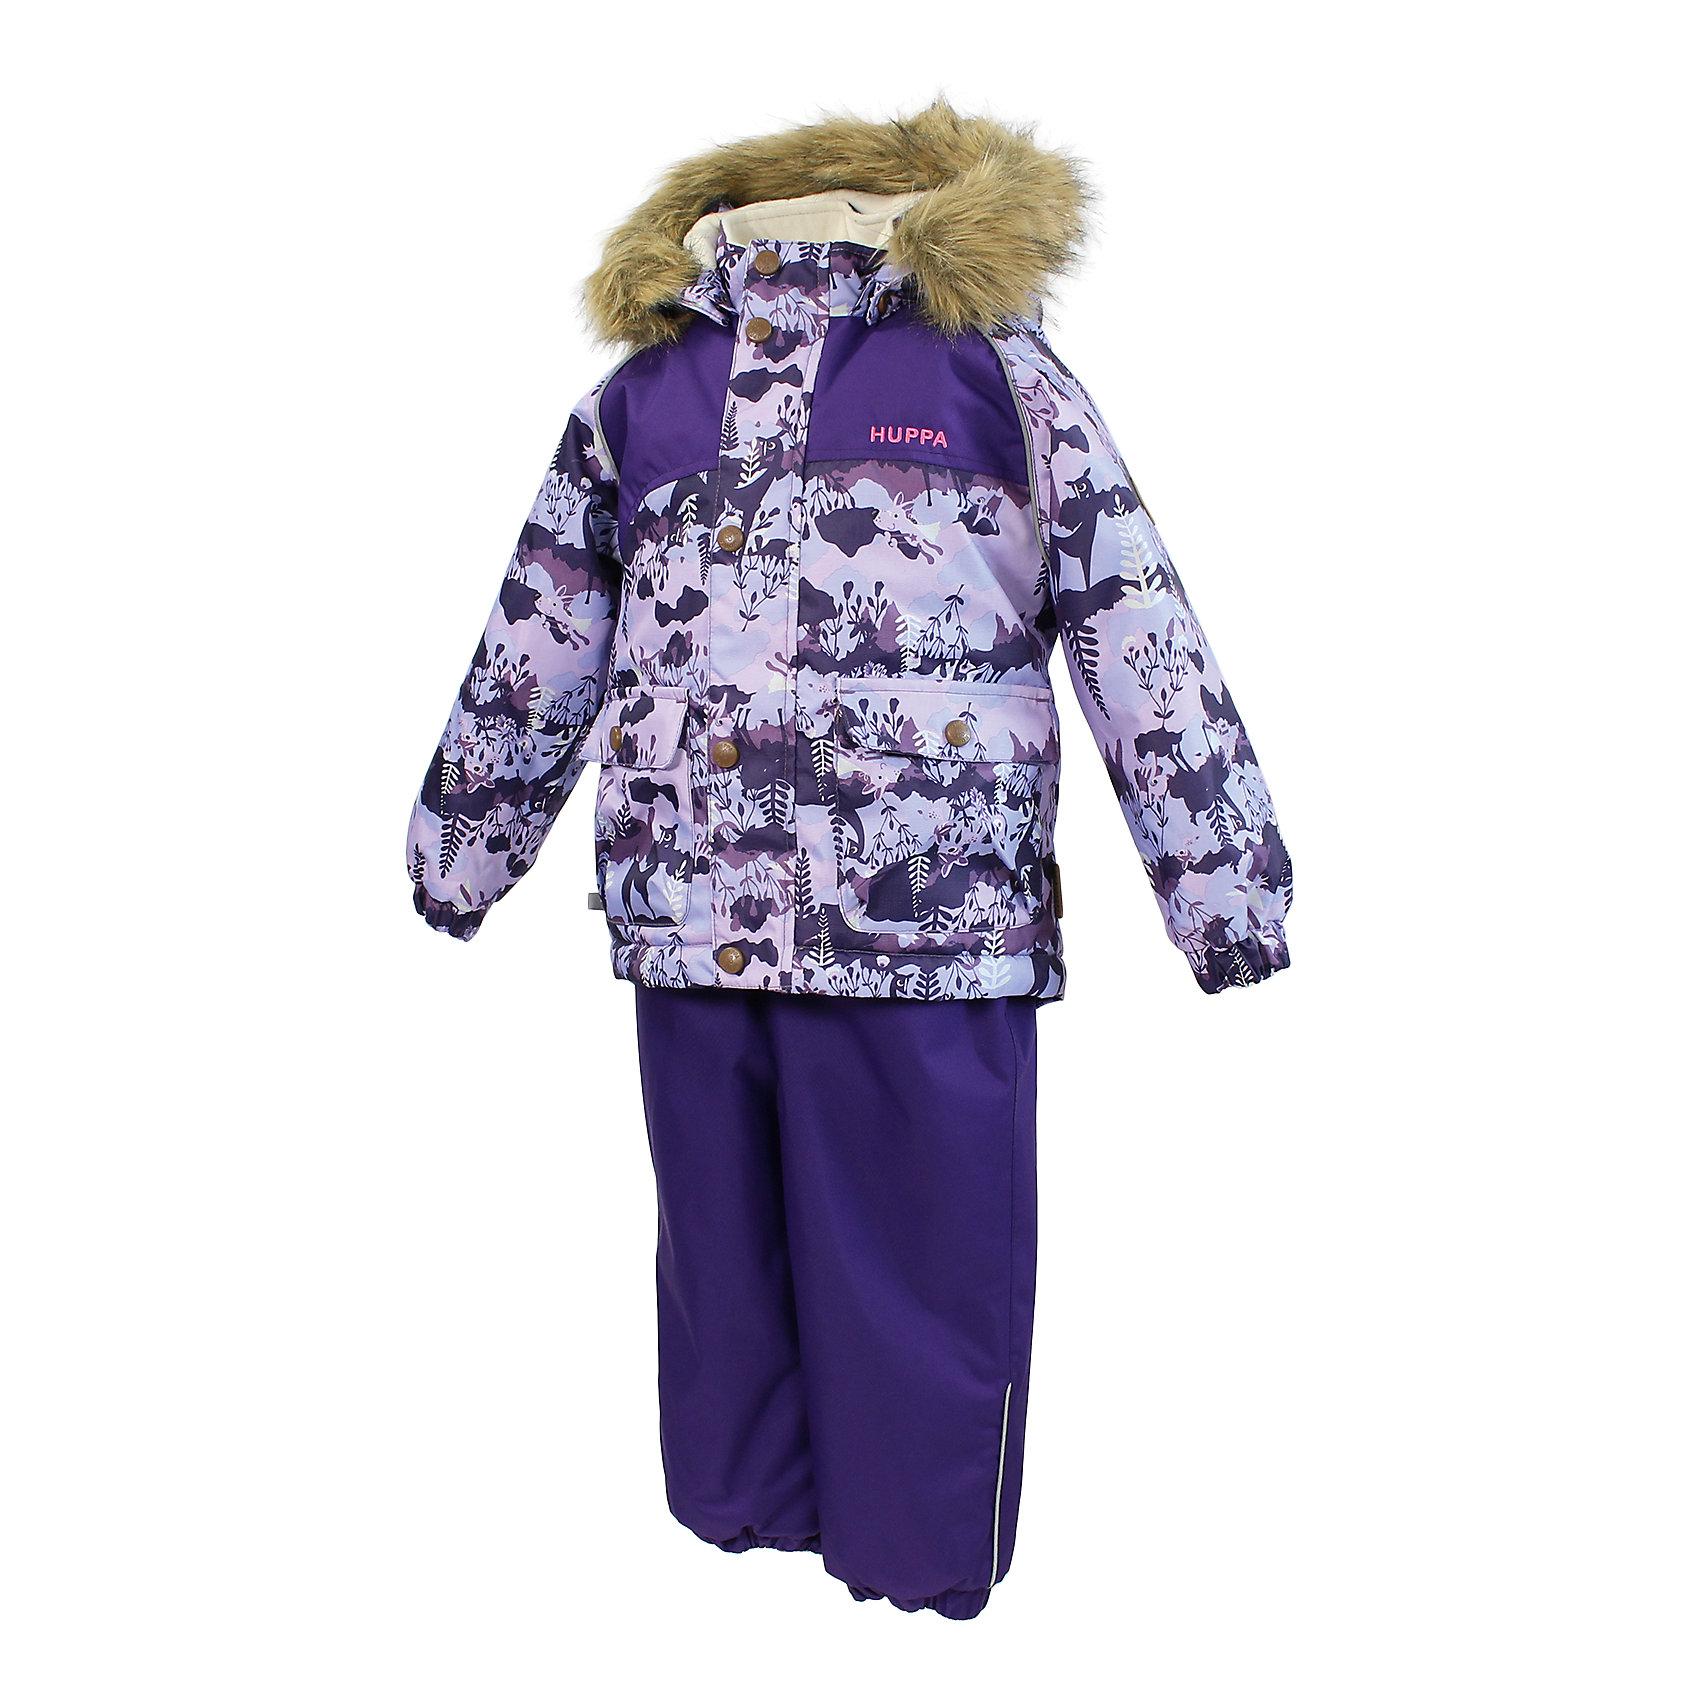 """Комплект для девочки: куртка и полукомбинезон HuppaВерхняя одежда<br>Модный комплект для малышей ярких цветов из двух частей с достаточно легким ватином. У куртки интересного покроя приятно мягкая подкладка """"Coral-fleece"""" в районе тела и подкладка из тафты в рукавах для облегчения прохождения рук. У брюк с высоким поясом также приятная подкладка """"Coral-fleece"""", а на спинке резинка для удобства ношения. Проклеенные швы на задней части и боках комбинезона позволят малышу беззаботно наслаждаться зимними радостями, оставаясь в сухости и тепле. На любимом комплекте малышей имеется капюшон со съемным мехом, регулируемые резиновые подтяжки и два хороших кармана для хранения находок.  <br><br>Дополнительная информация:<br><br>Температурный режим: от -10 до -25<br>HuppaTherm 200 грамм<br>Высокотехнологичный лёгкий синтетический утеплитель нового поколения, сохраняет объём и высокую теплоизоляцию изделия, а также легко стирается и быстро сохнет.<br>Влагоустойчивая и дышащая ткань 10 000/ 10 000<br>Мембрана препятствует прохождению воды и ветра сквозь ткань внутрь изделия, позволяя испаряться выделяемой телом, образовывающейся внутри влаге.<br>Проклеенные швы<br>Для максимальной влагонепроницаемости изделия, важнейшие швы проклеены водостойкой лентой.<br>Прочная ткань<br>Сплетения волокон в тканях выполнены по специальной технологии, которая придаёт ткани прочность и предохранят от истирания.<br>Светоотражательные детали<br>При плохих погодных условиях или в темноте, когда свет падает на одежду, он отражается, делая ребёнка более заметным, уменьшая возможность несчастных случаев.<br>Ткань: 100% полиэстер<br>Подкладка: Куртка: Coral-fleece смесь хлопка и полиэстра, тафта - 100% полиэстер; полукомбинезон: Coral-fleece смесь хлопка и полиэстра<br>Шаговый шов, боковые швы проклеены<br>Утеплитель: 100% полиэстер Куртка 200г, Полукомбинезон 160г .<br>Капюшон с отстёгивающимся мехом<br><br>Комплект для девочки: куртка и полукомбинезон Huppa можно купить в нашем магазине.<br><br>Ширин"""